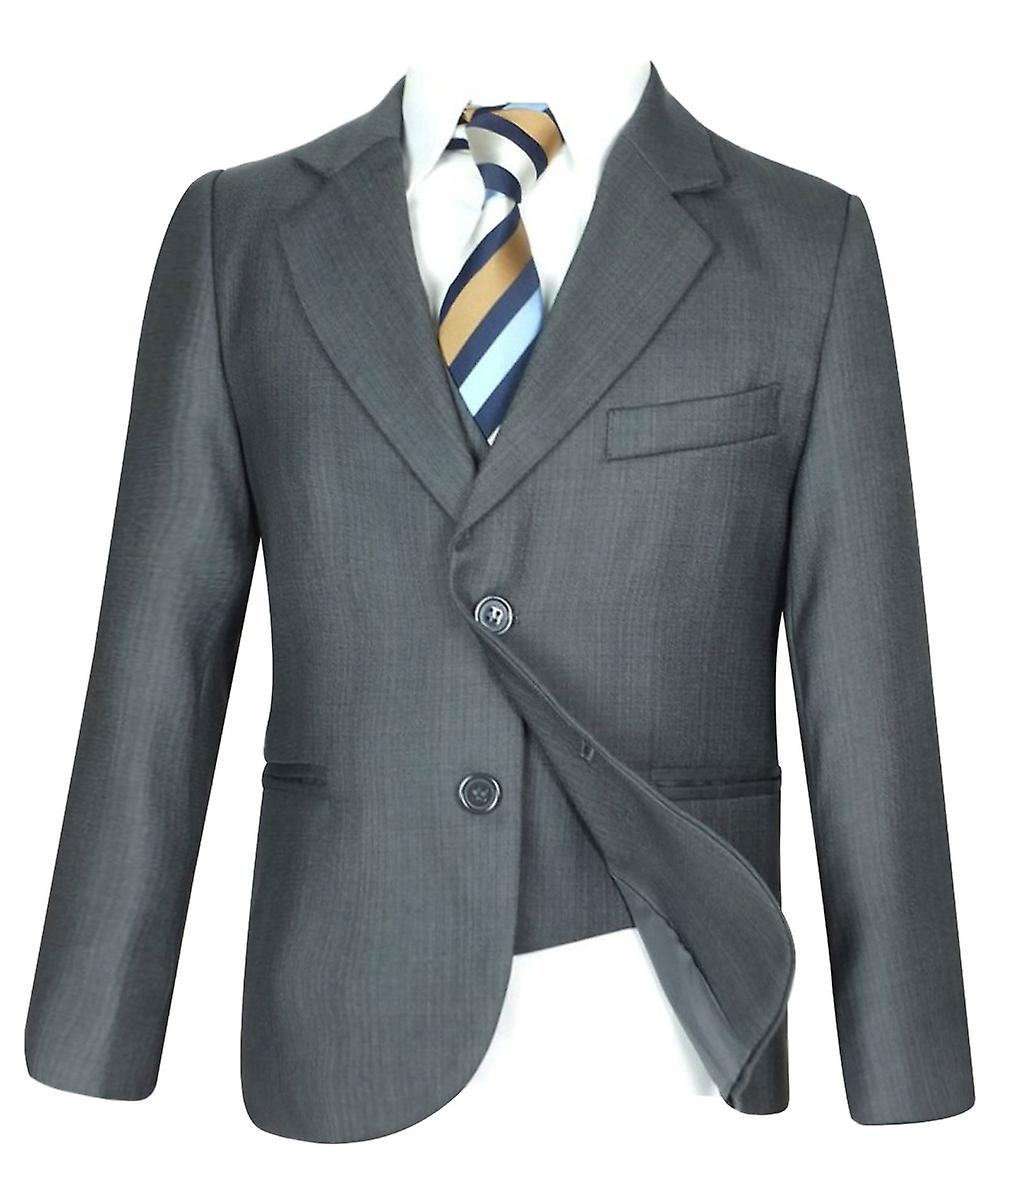 garçons 5 PC All in One Regular Fit lumière gris garçons Suit